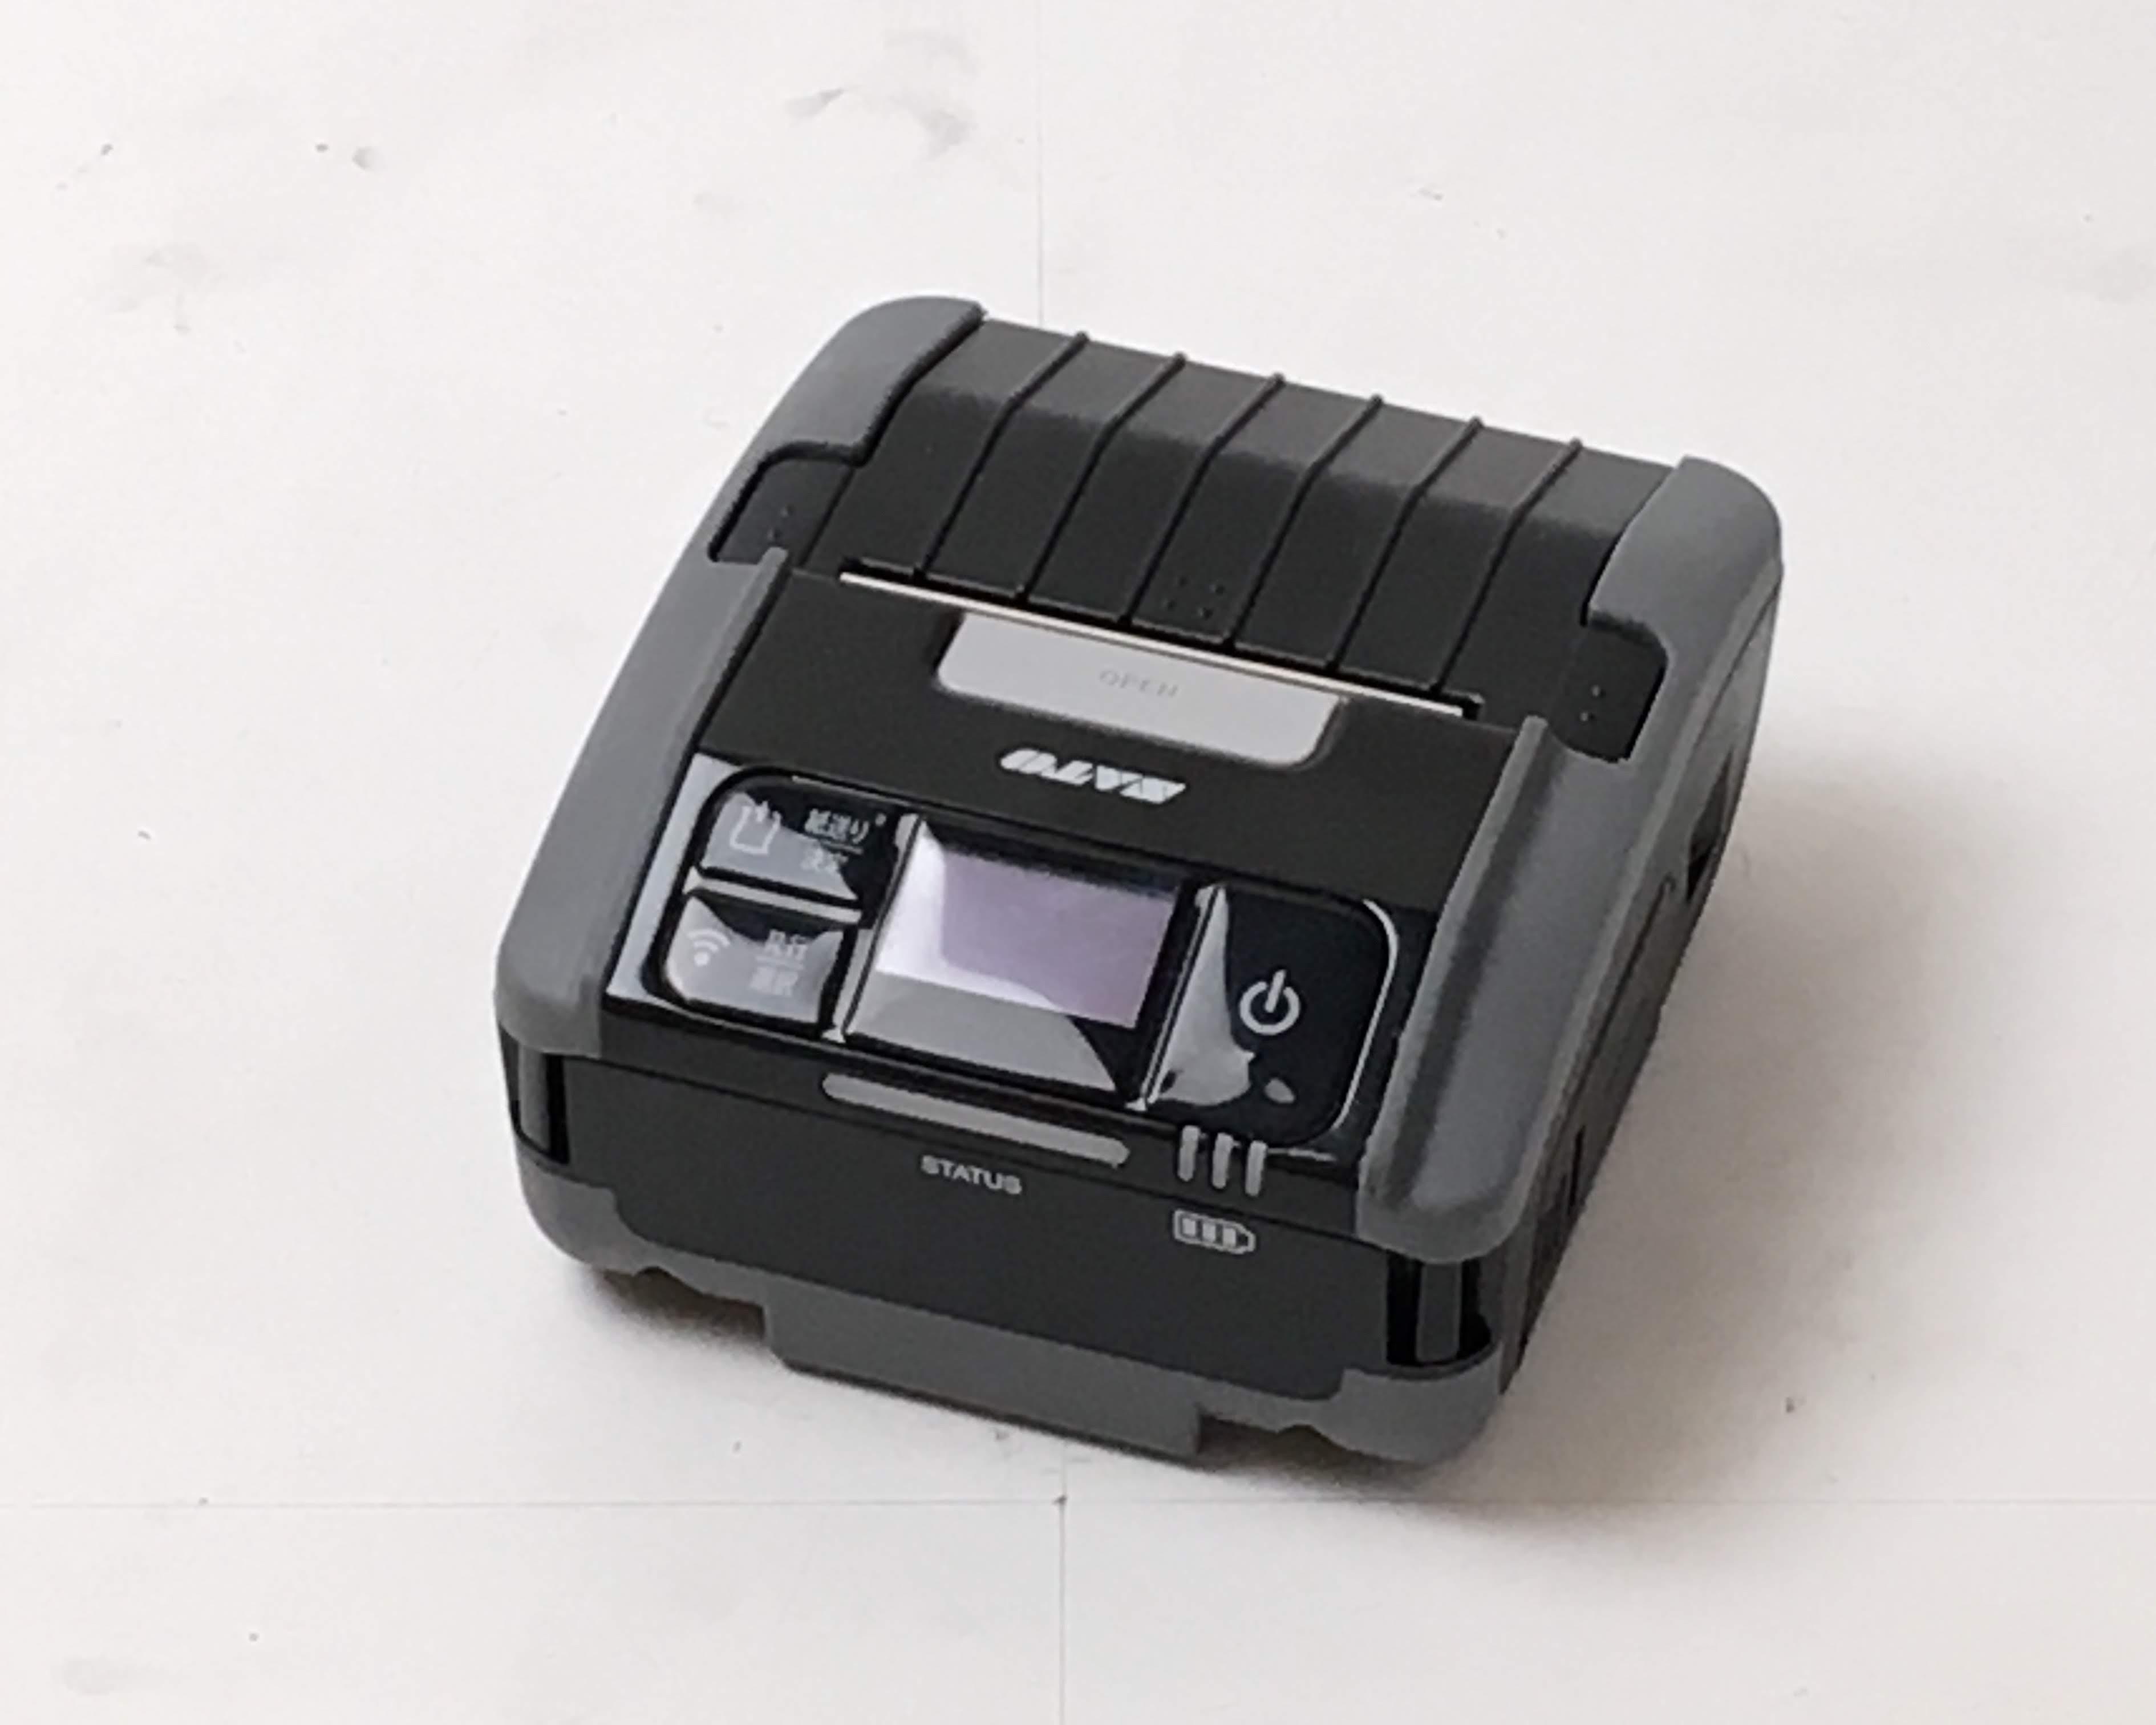 【優良中古】SATO モバイルプリンター VP208 メイン画像